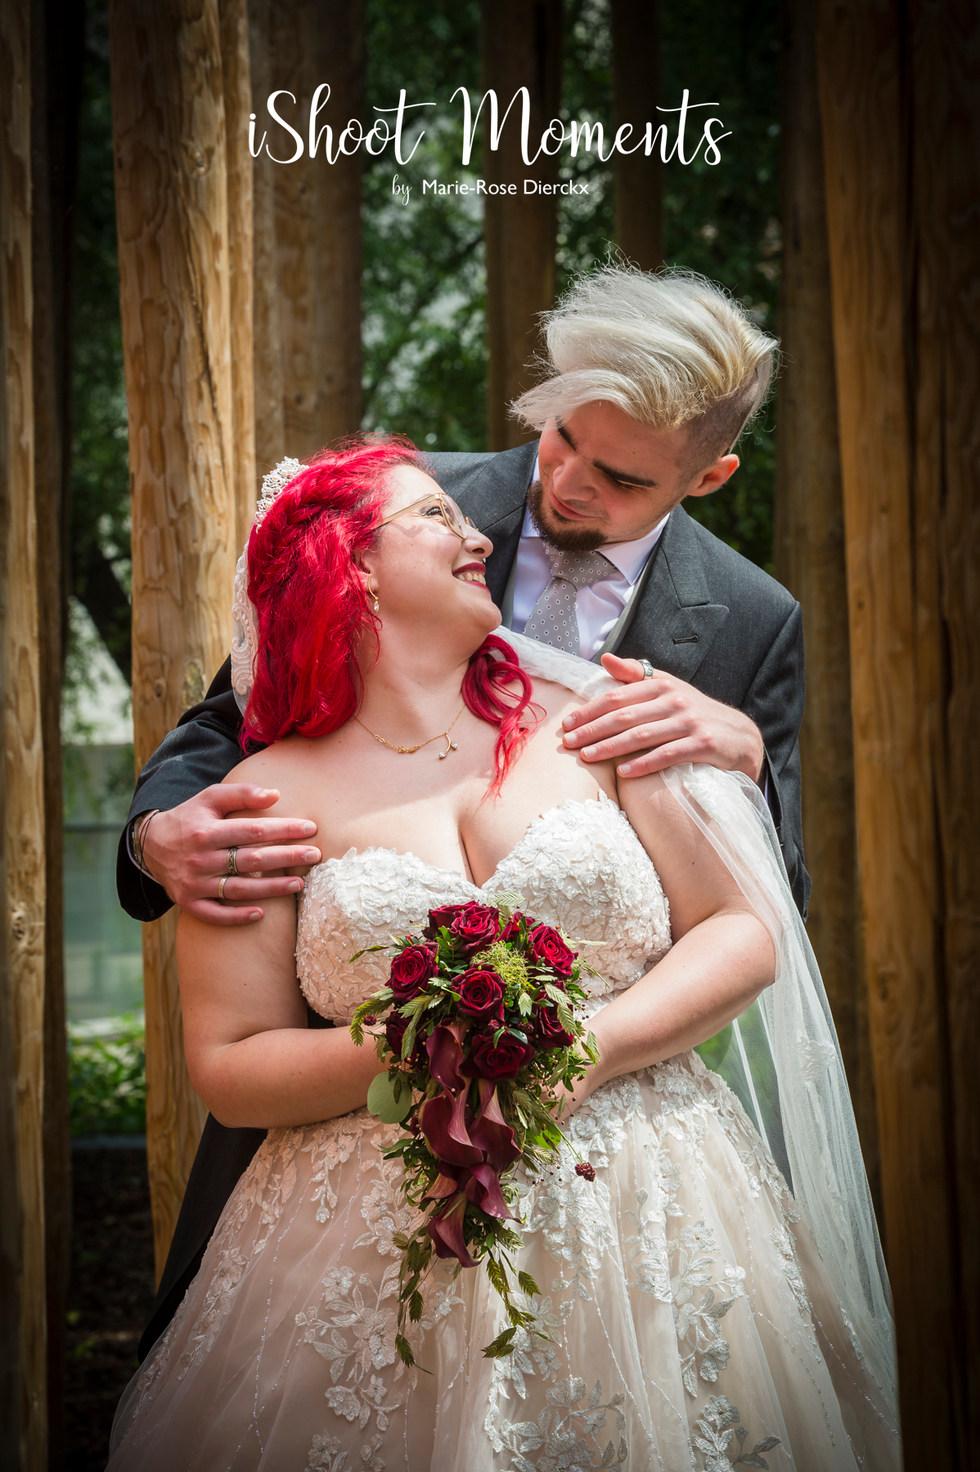 Huwelijksfotoshoot door iShoot Moments